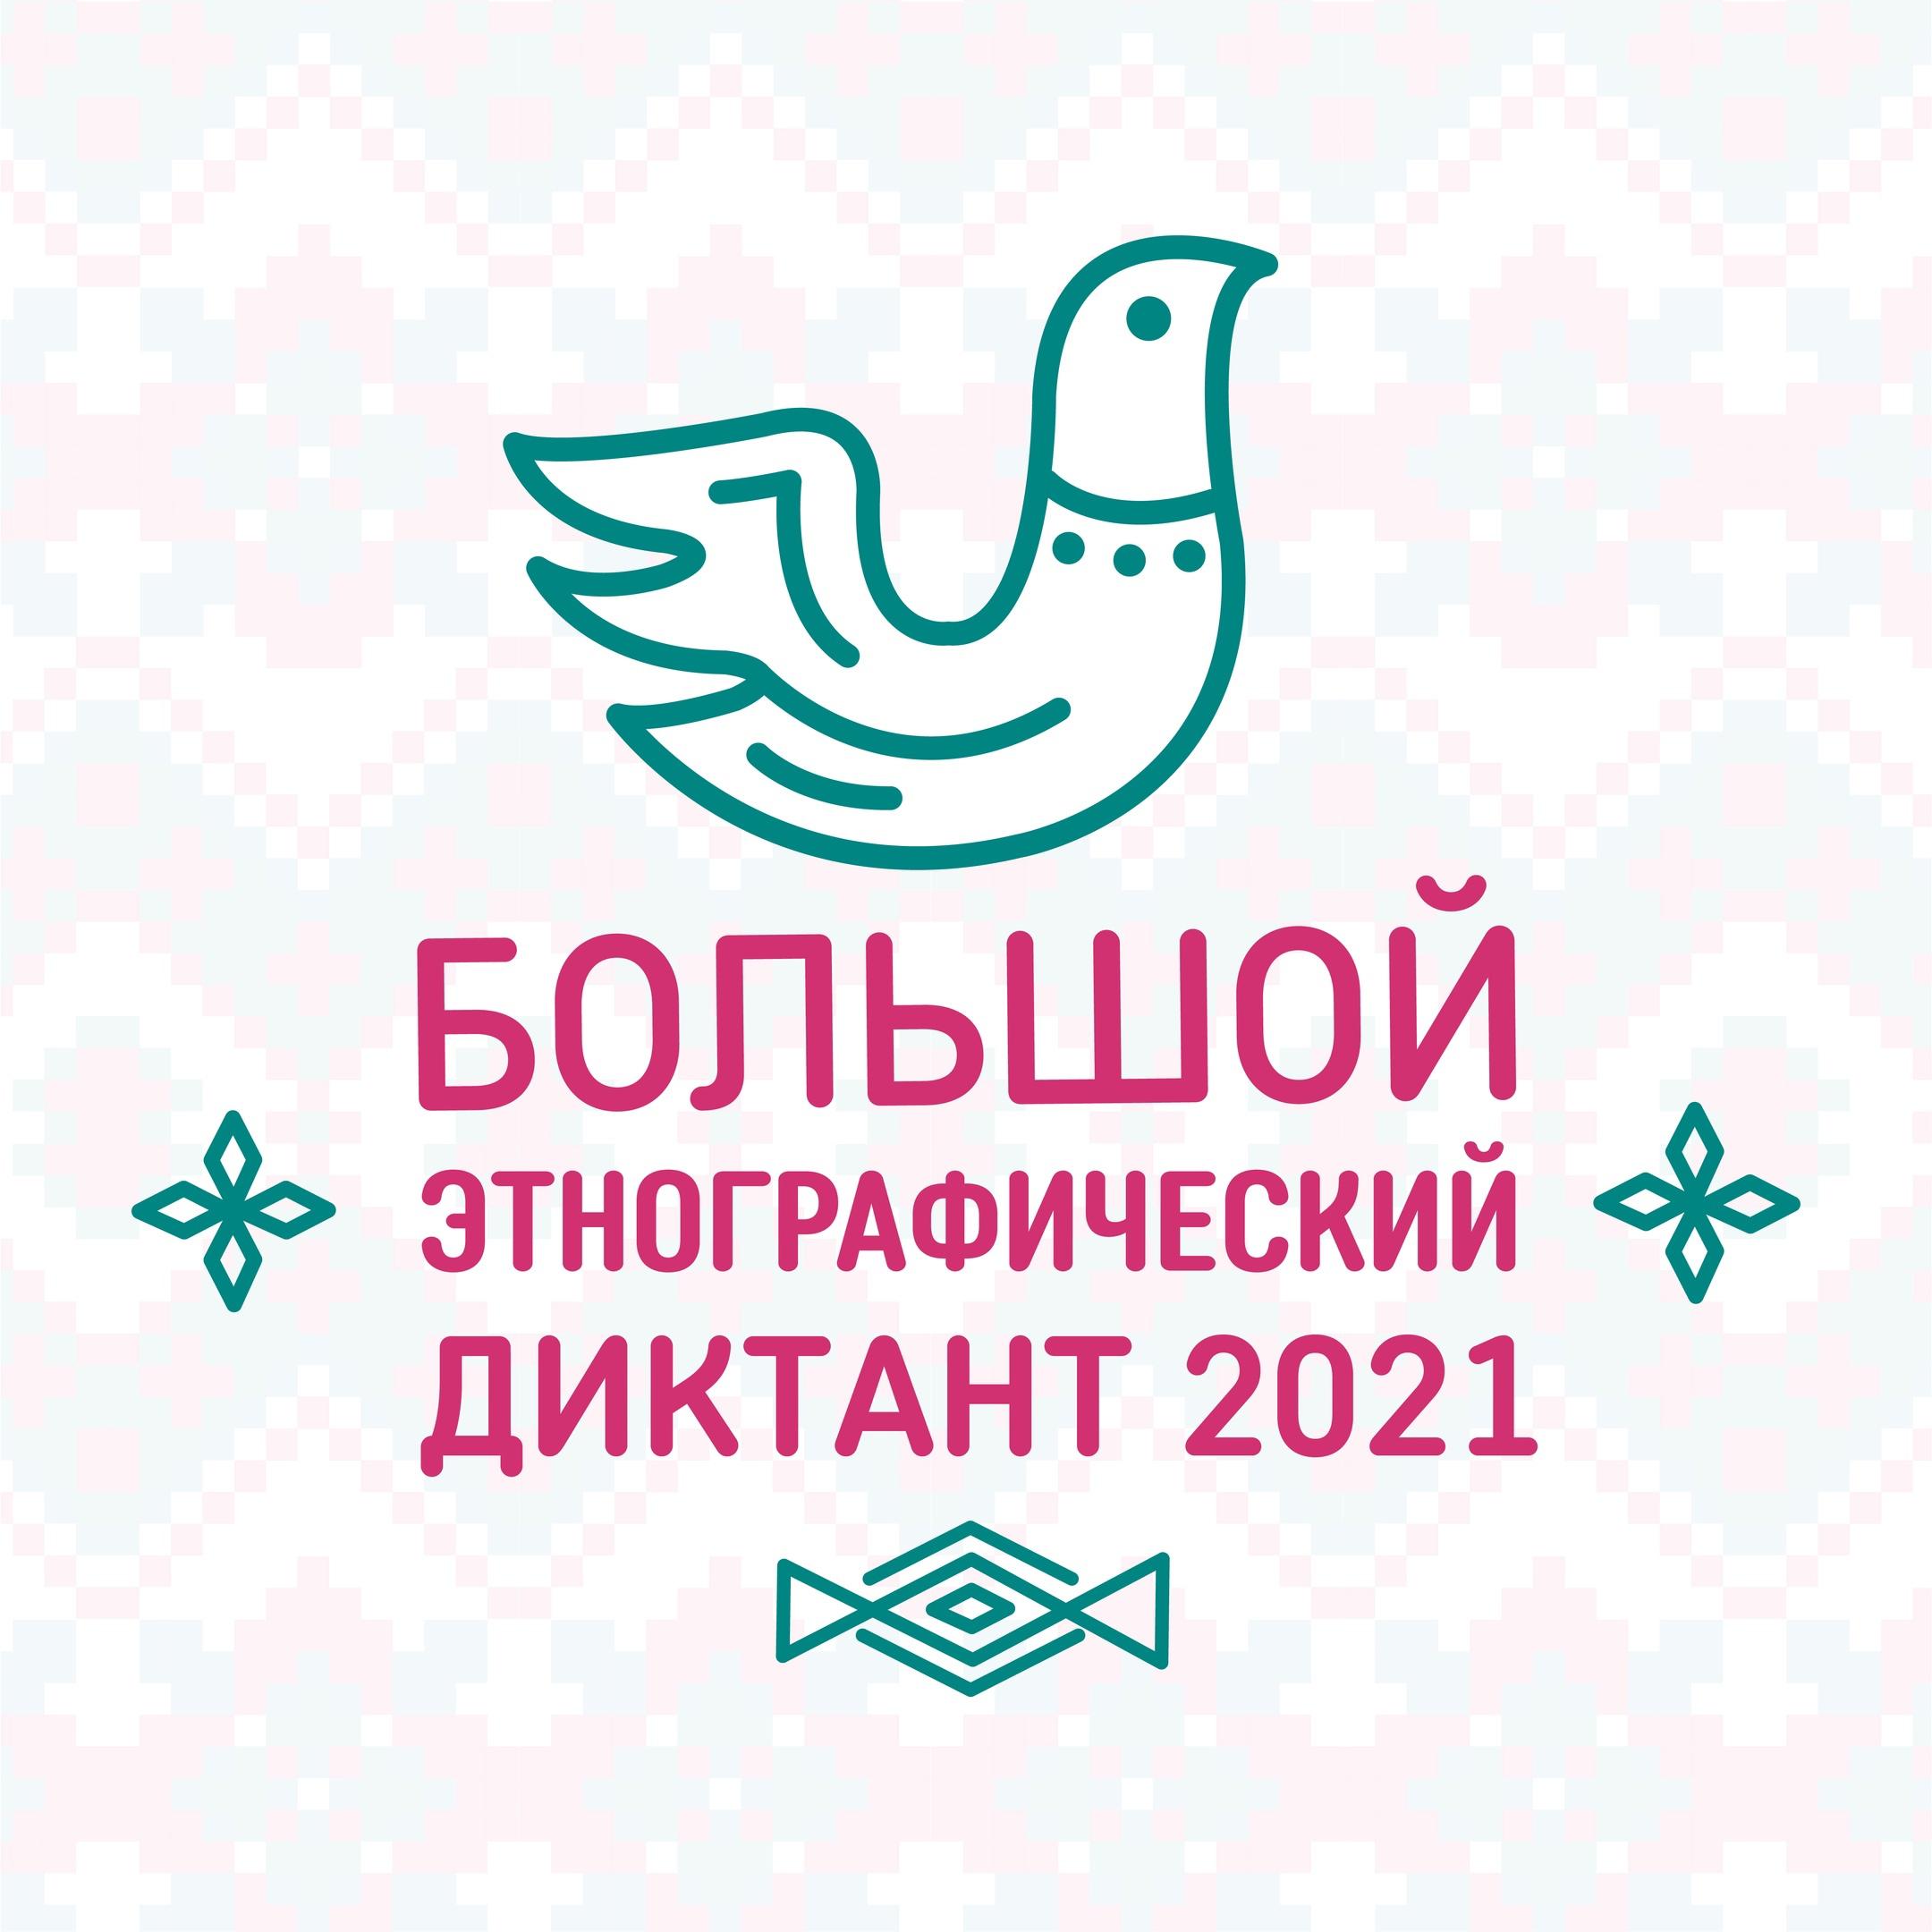 Международная просветительская акция пройдет с 3 по 7 ноября.